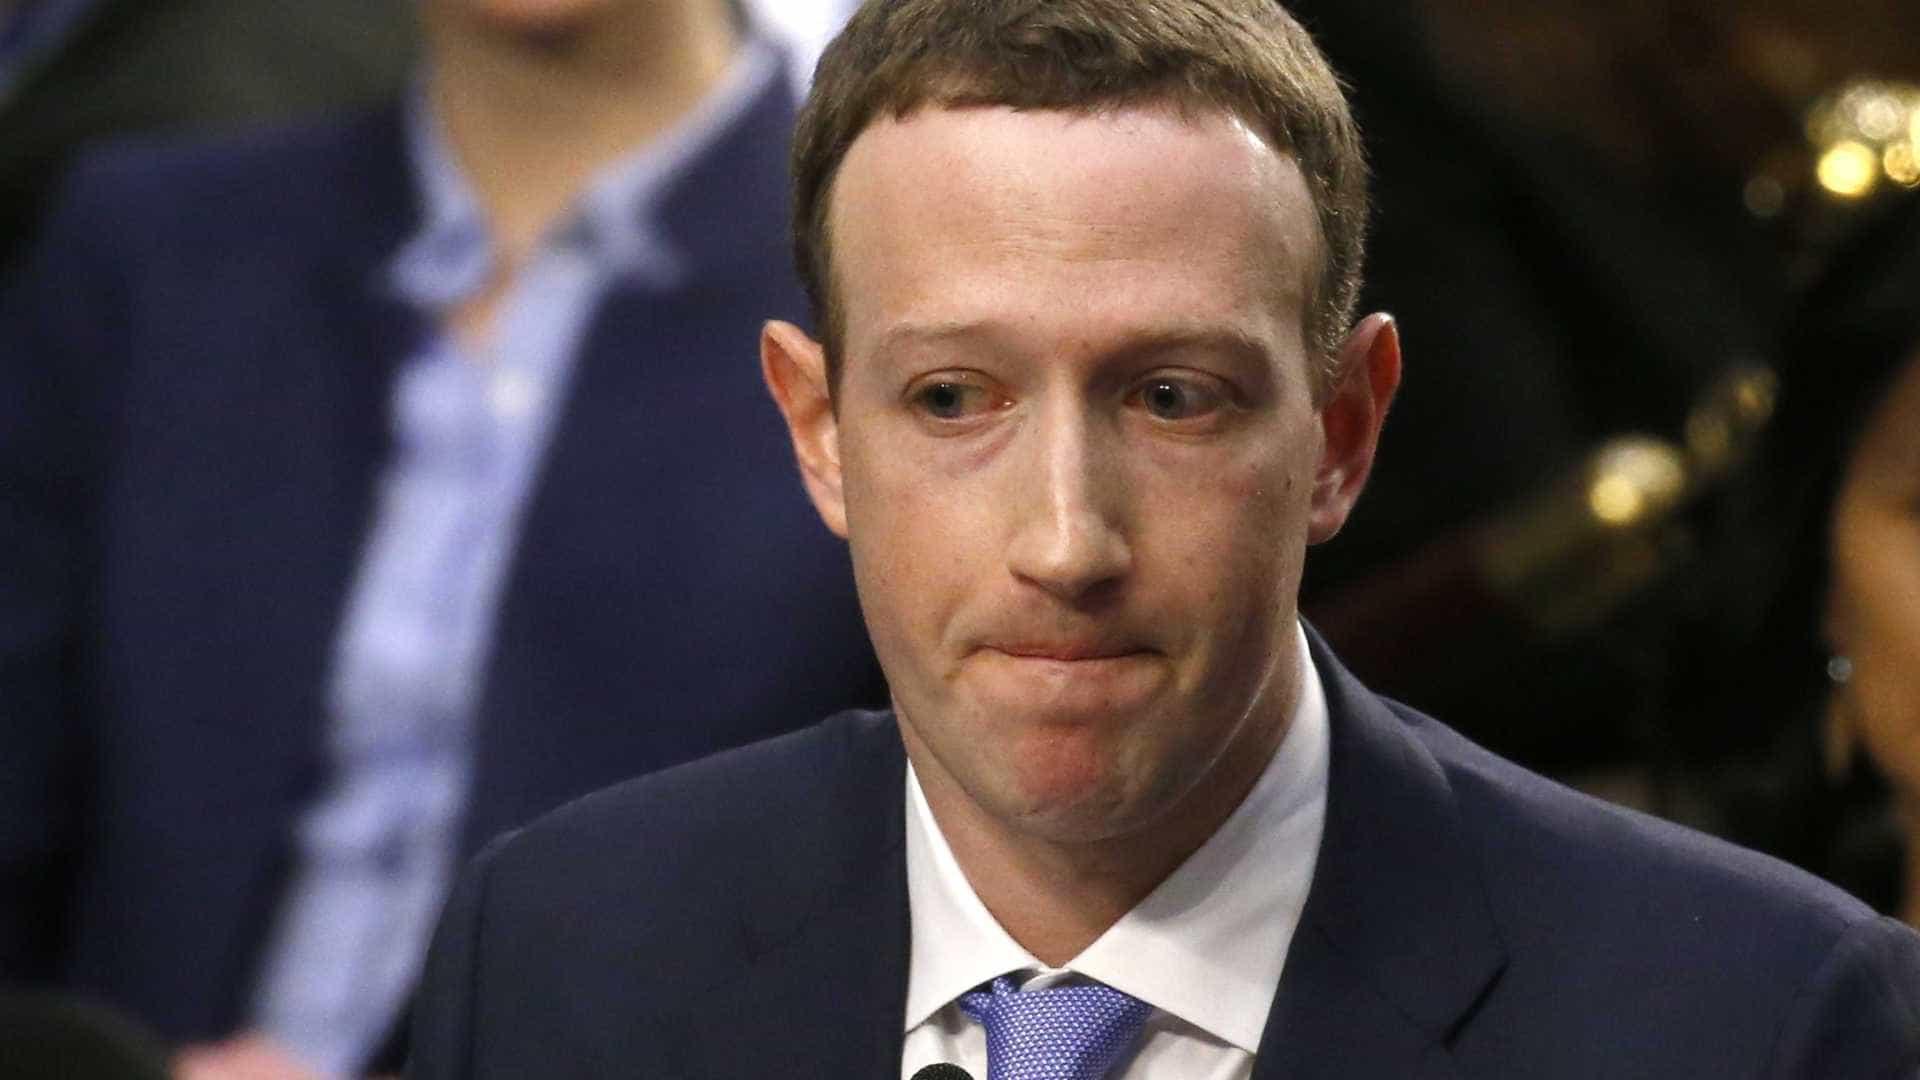 Pela segunda vez, Zuckerberg recusa pedido de audiência no Reino Unido